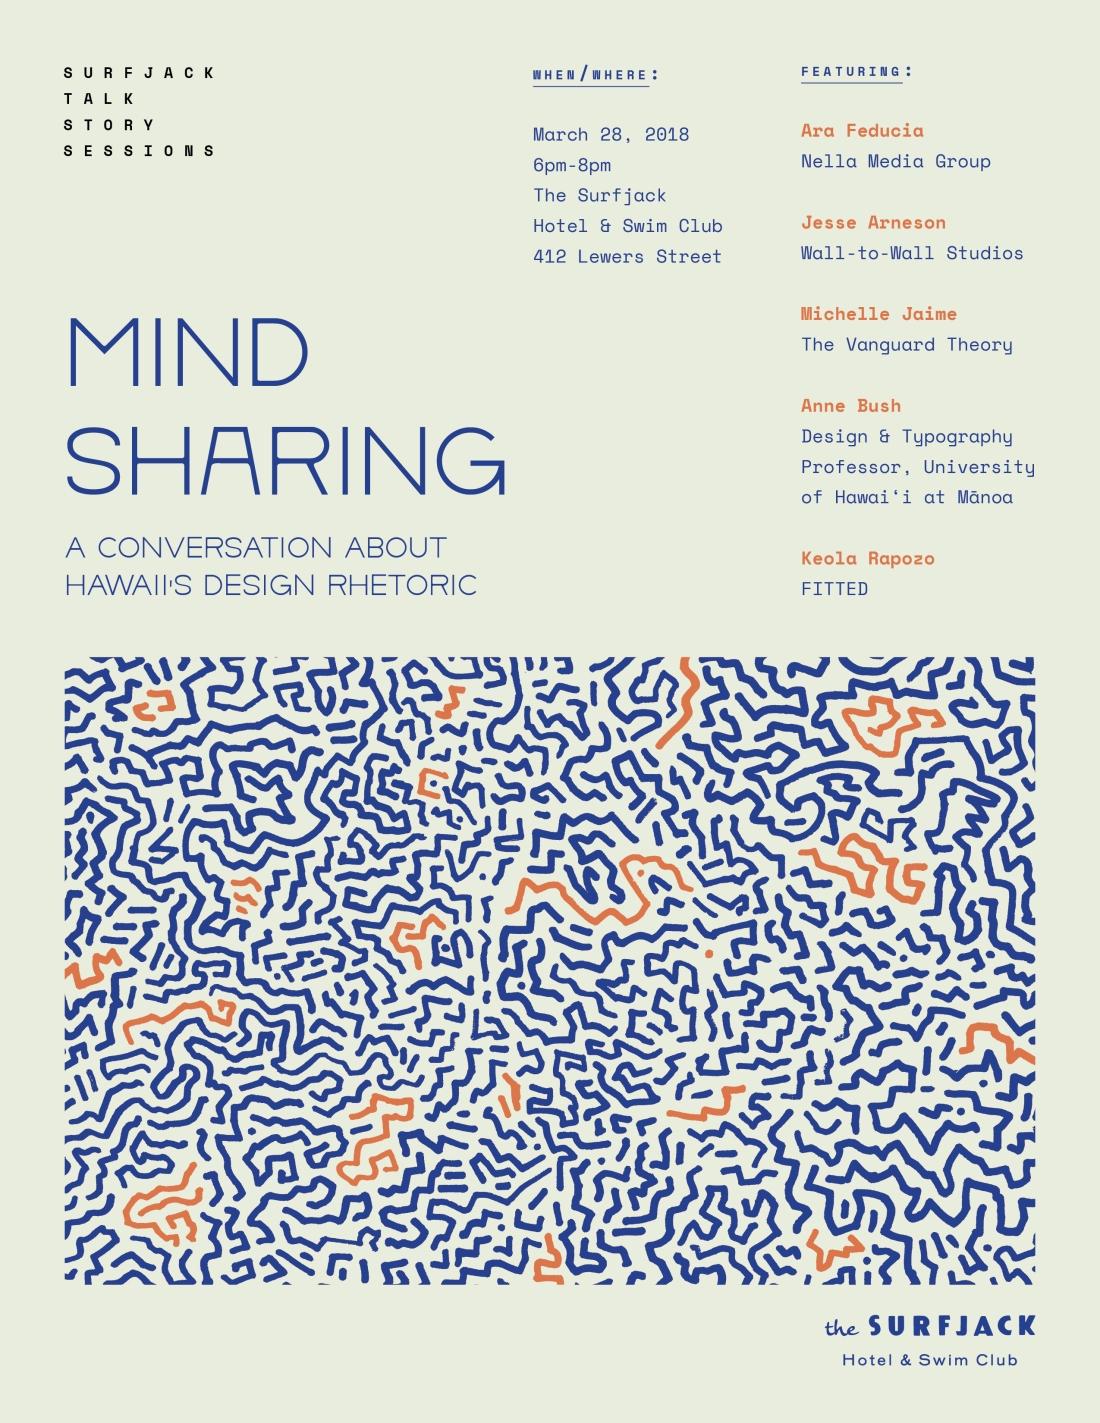 2018 Mind Sharing Poster Surfjack - FINAL.jpg